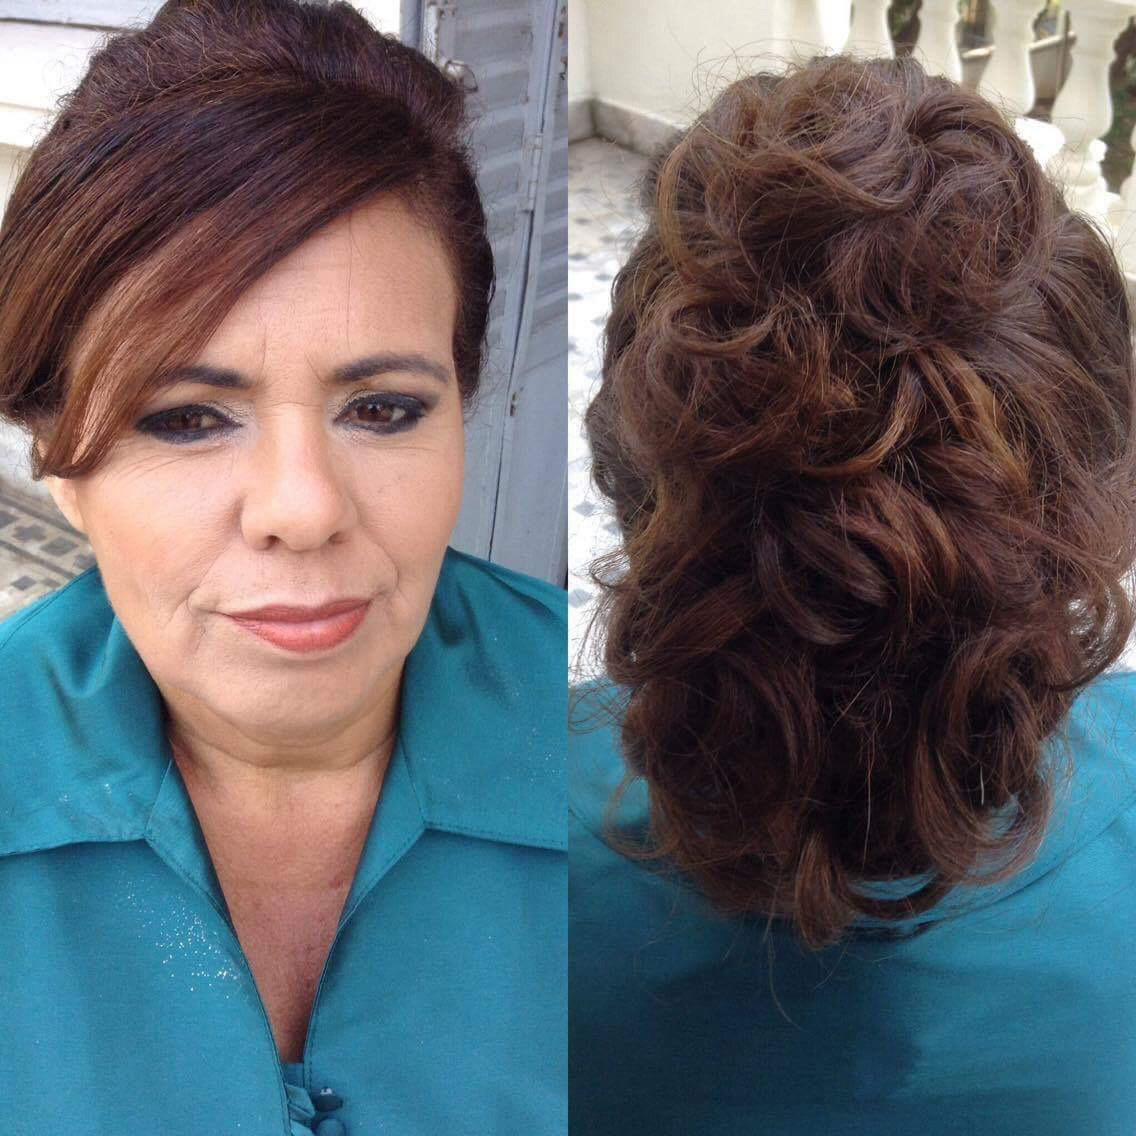 Penteado e makeup  maquiagem cabeleireiro(a) maquiador(a) designer de sobrancelhas